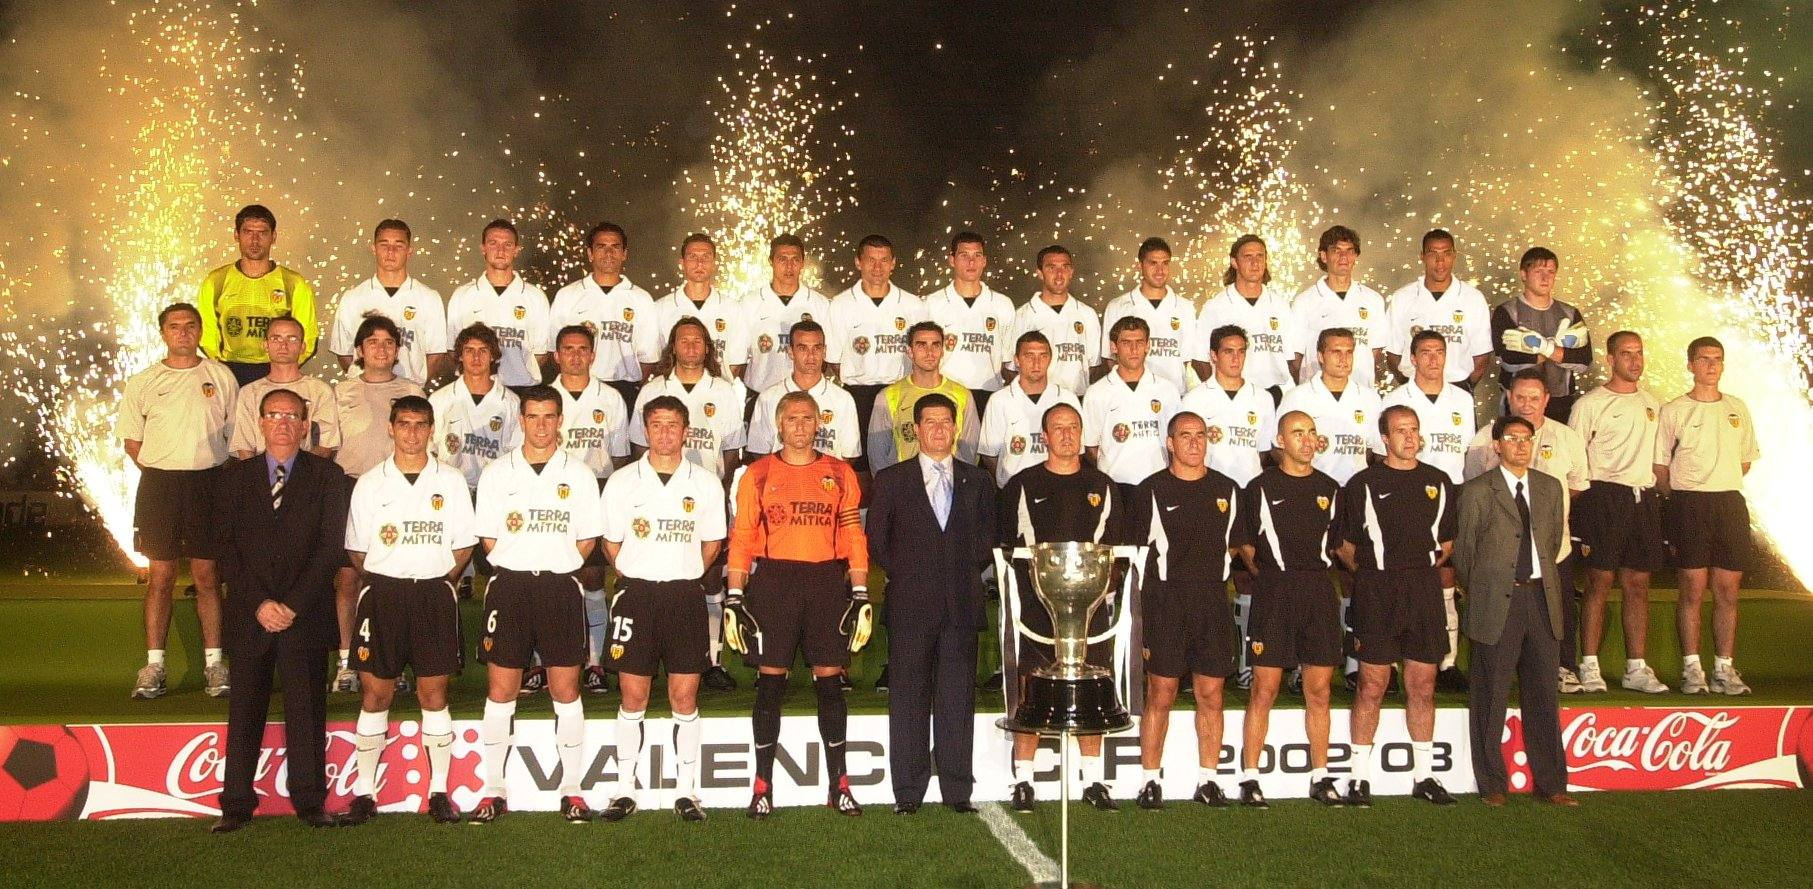 Valencia CF. Campeón de liga, temporada 2001-2002. Lasprovincias.es